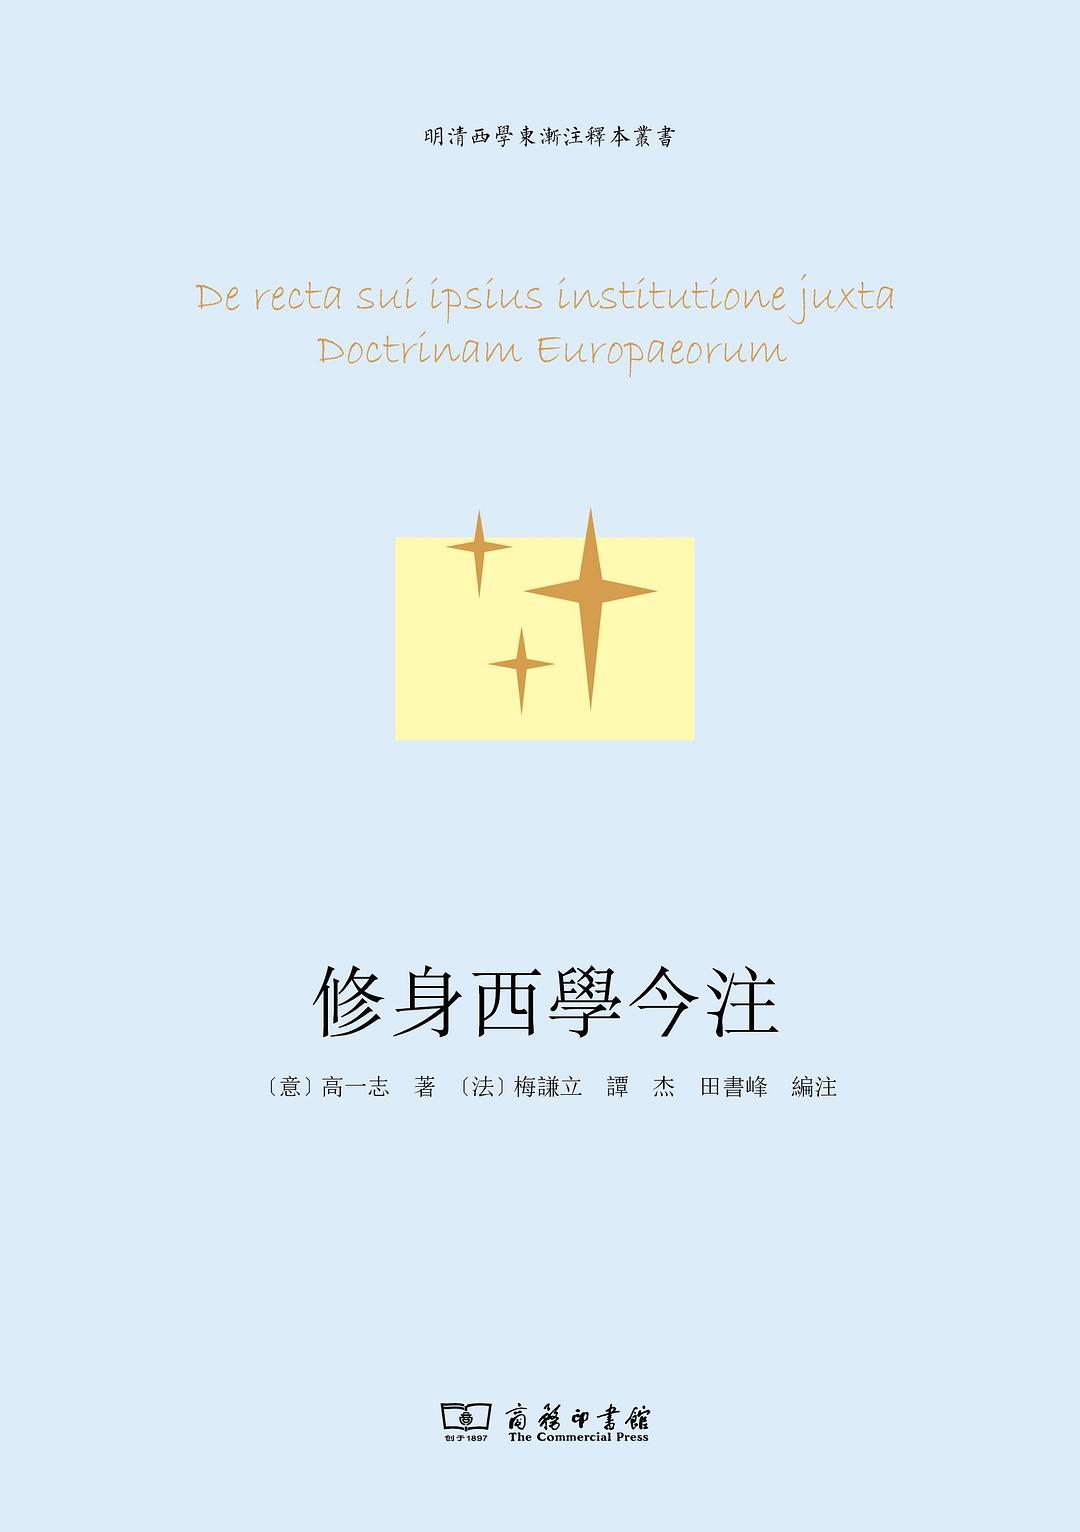 梅谦立、谭杰、田书峰编注:《修身西学今注》(2019)